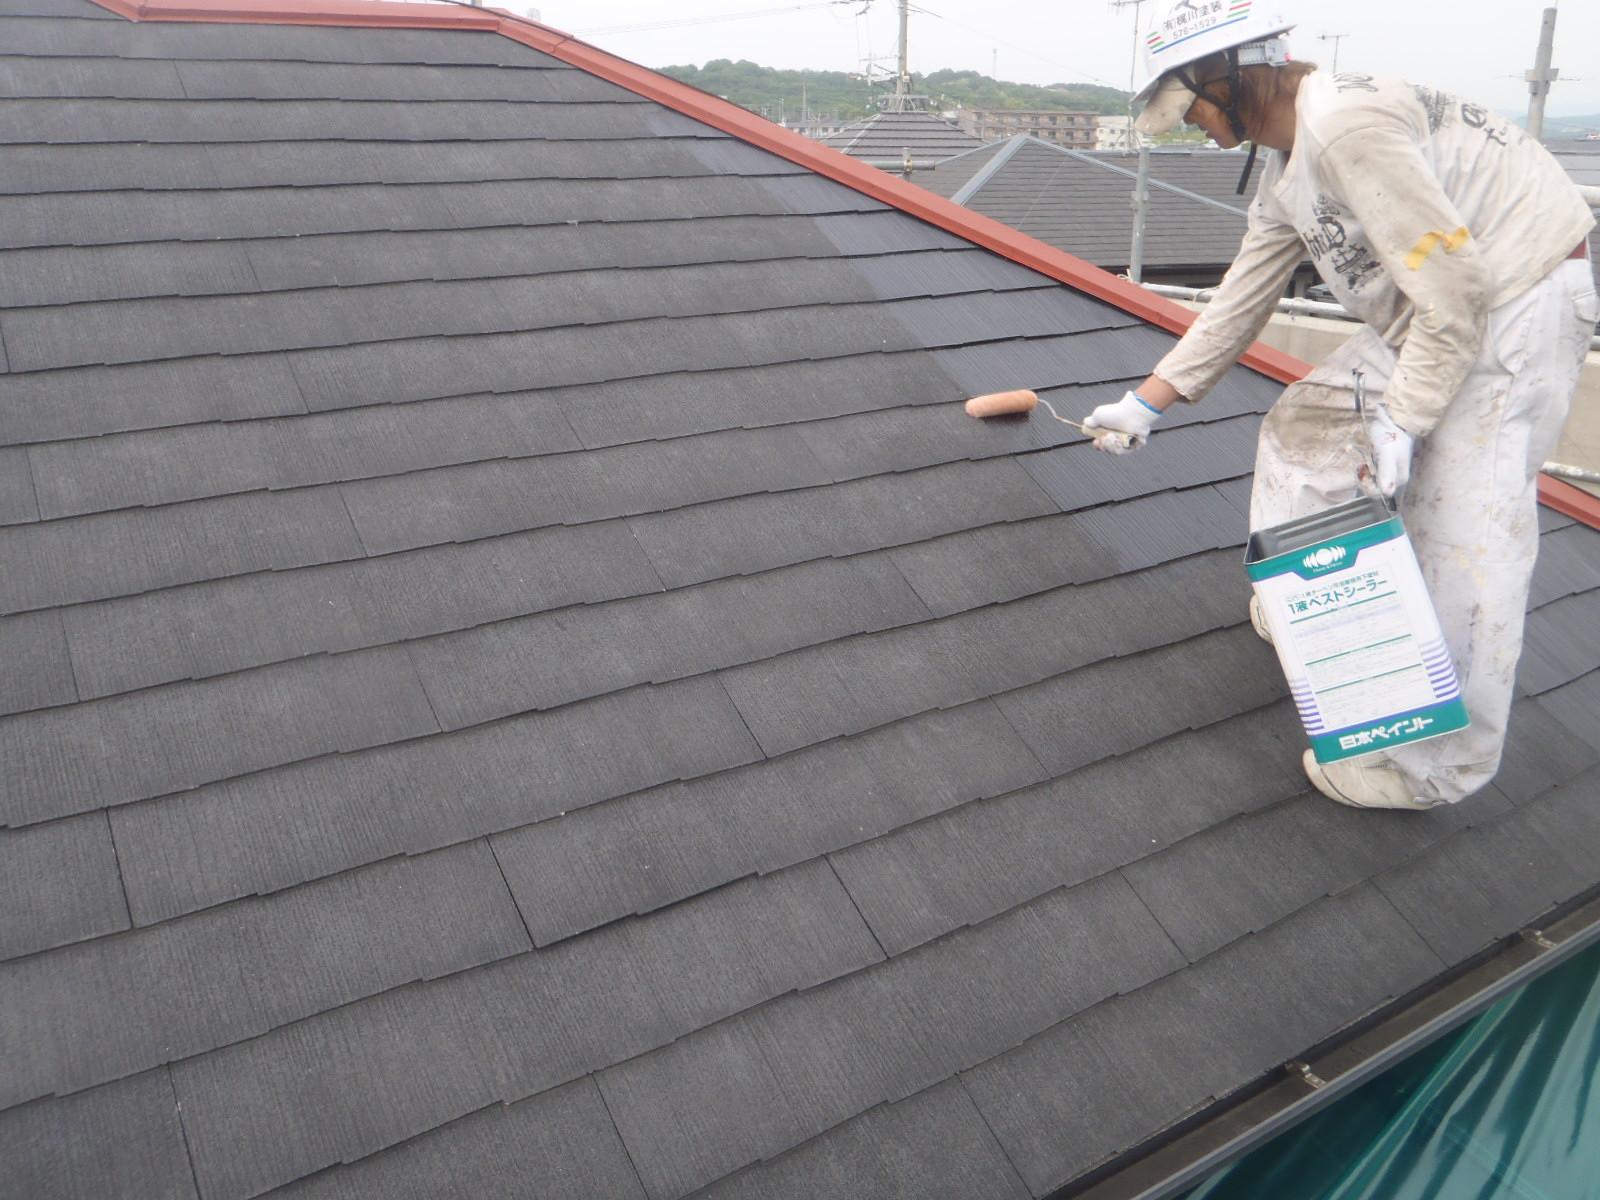 ... 塗装工事報告 : 外壁塗装 神戸